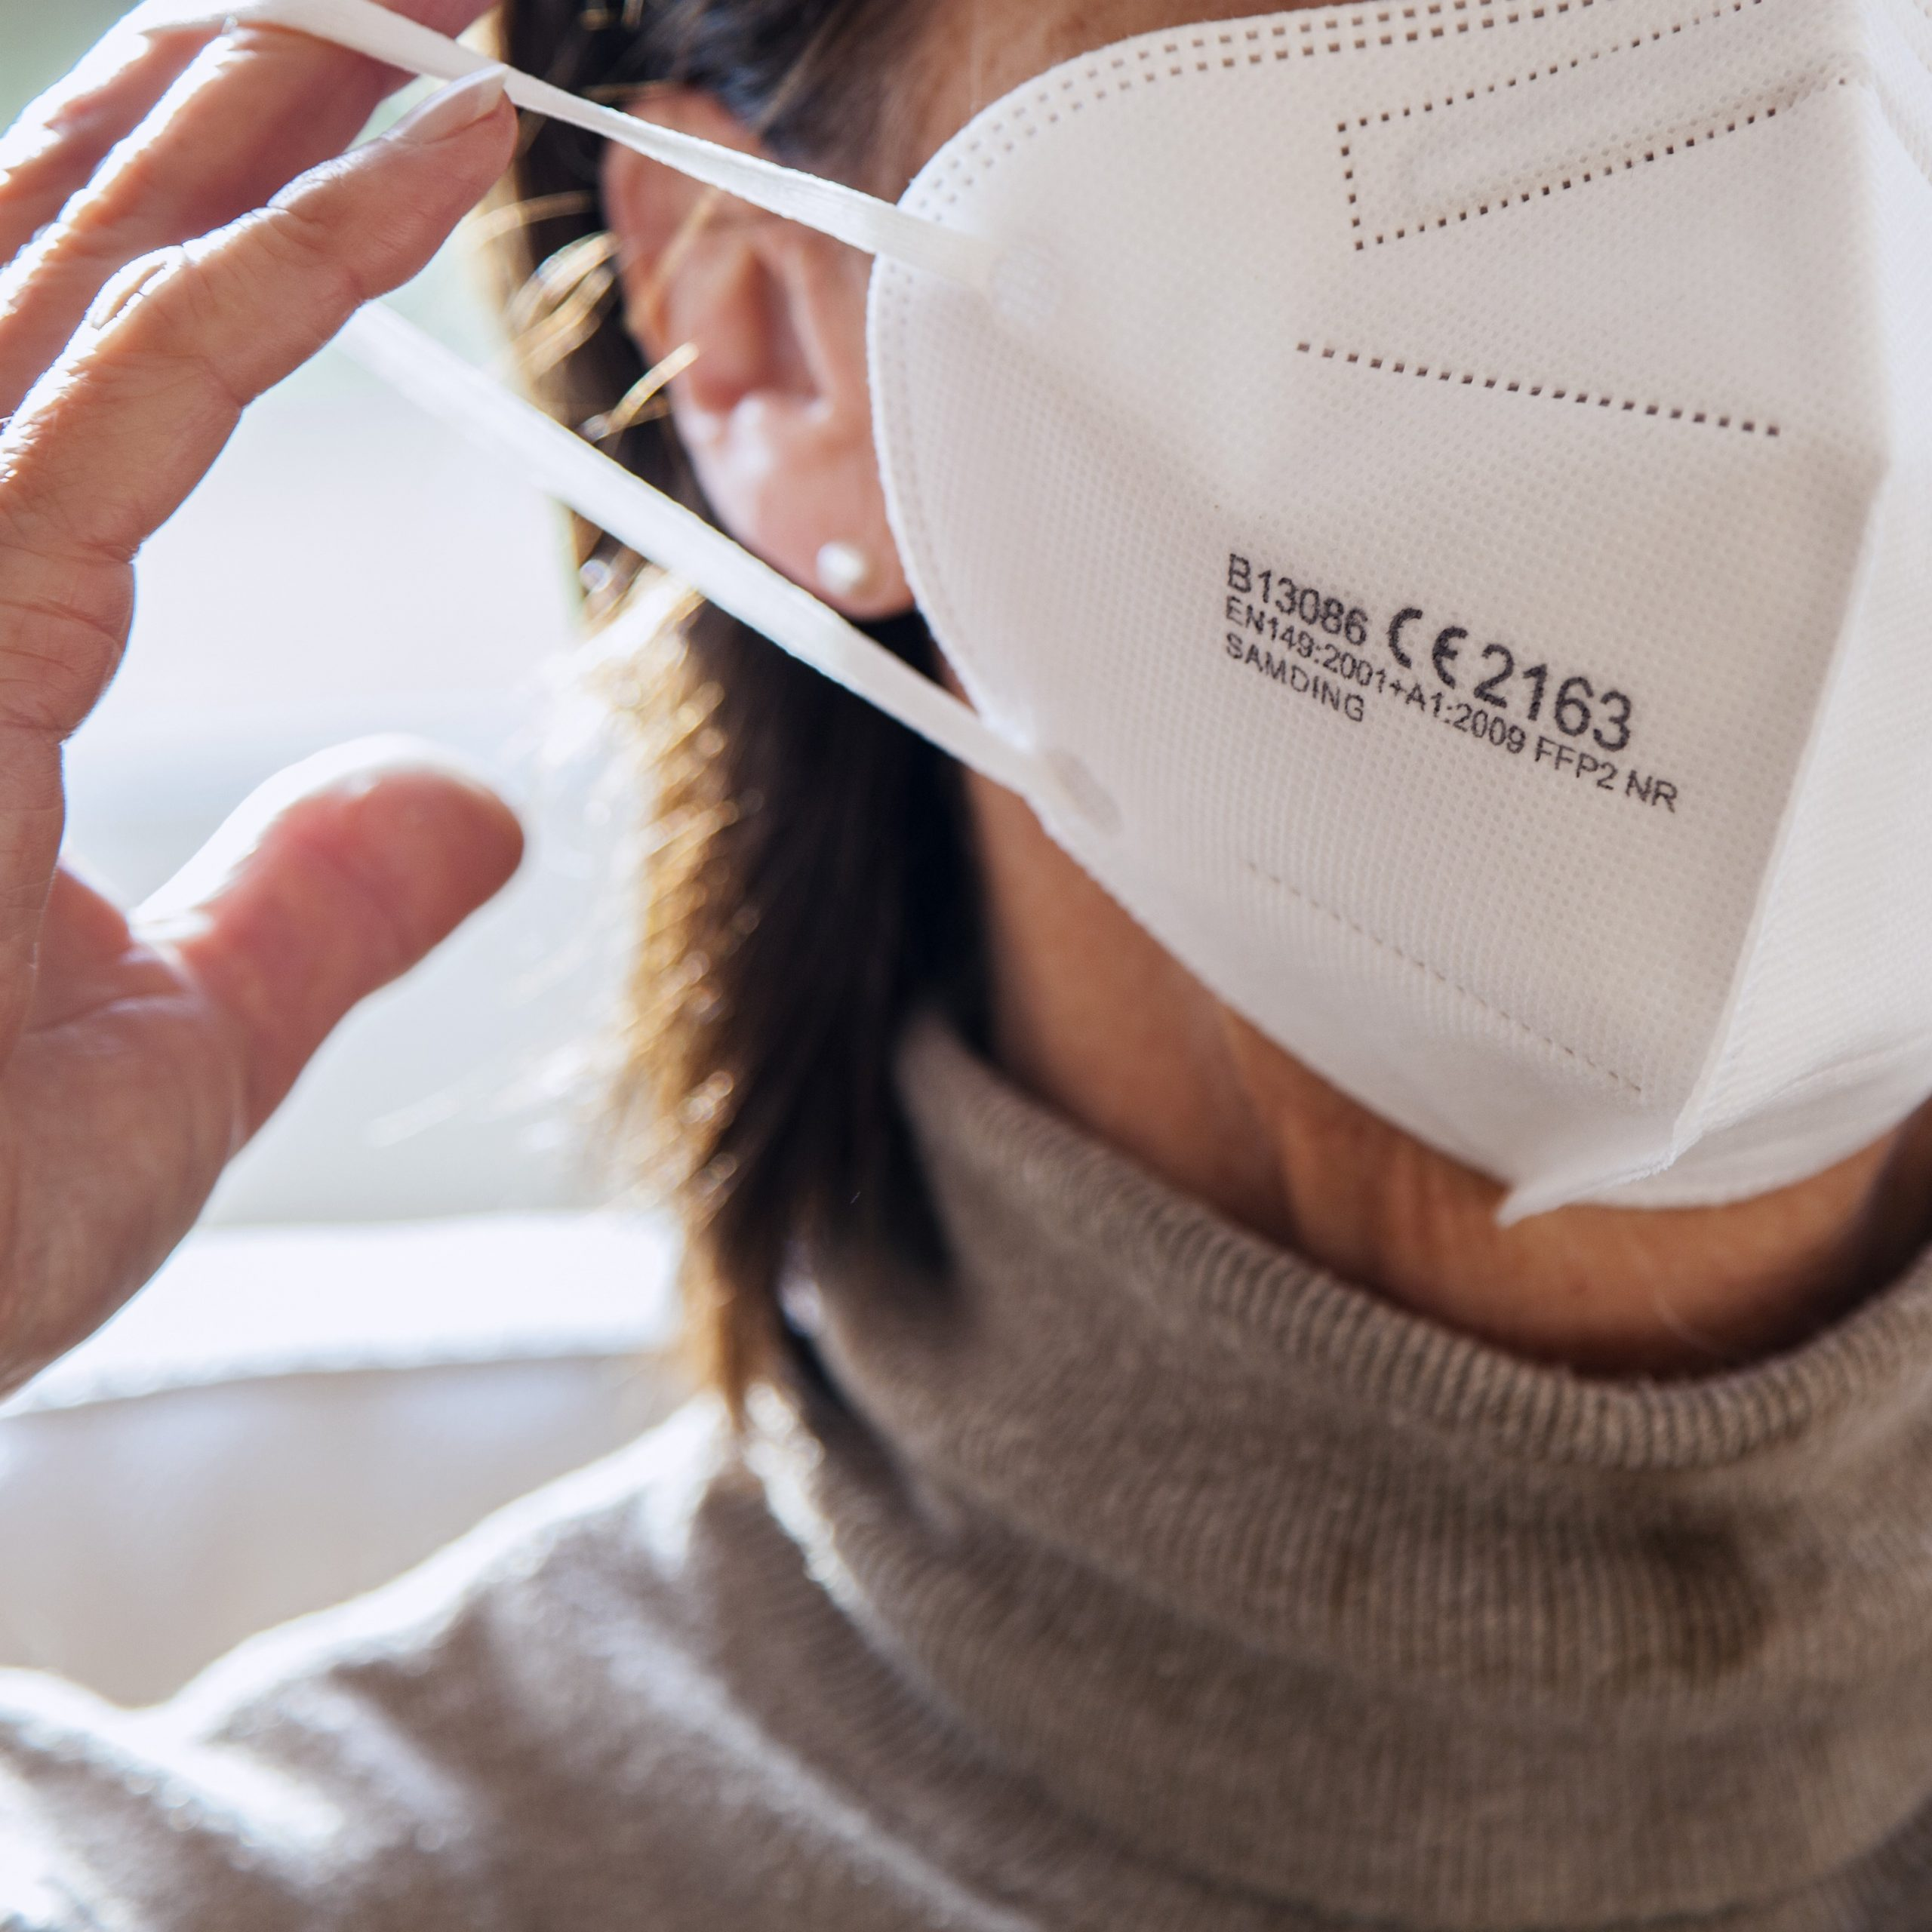 Menschen mit höherem Corona-Infektionsrisiko sollten jetzt die Chance nutzen, sich in ihrer Apotheke mit den besonders sicheren FFP2-Schutzmasken zu versorgen.